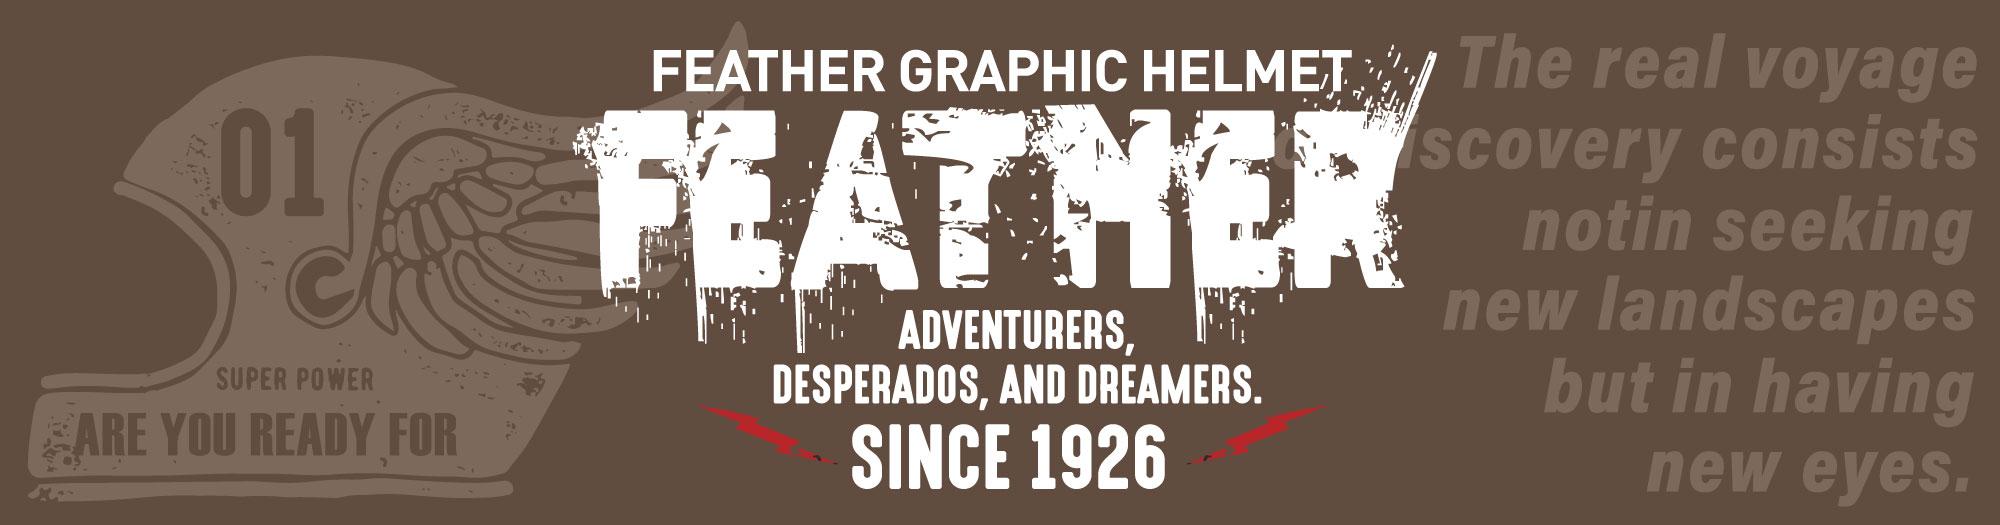 FEATHER GRAPHIC HELMET